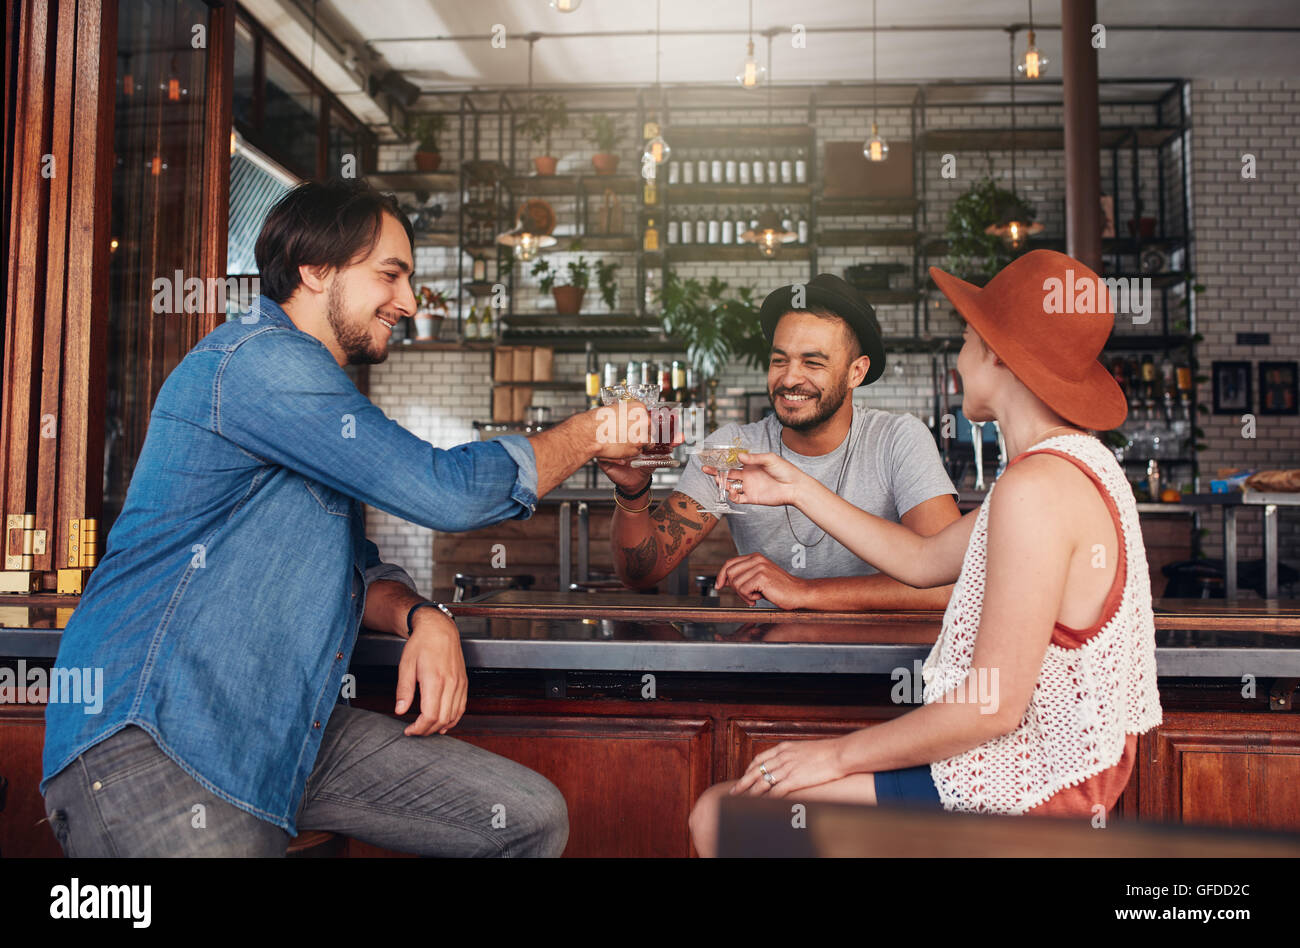 Tre giovani seduti al ristorante e avente un toast. Gruppo di amici in un bar con un drink e tostatura. Immagini Stock